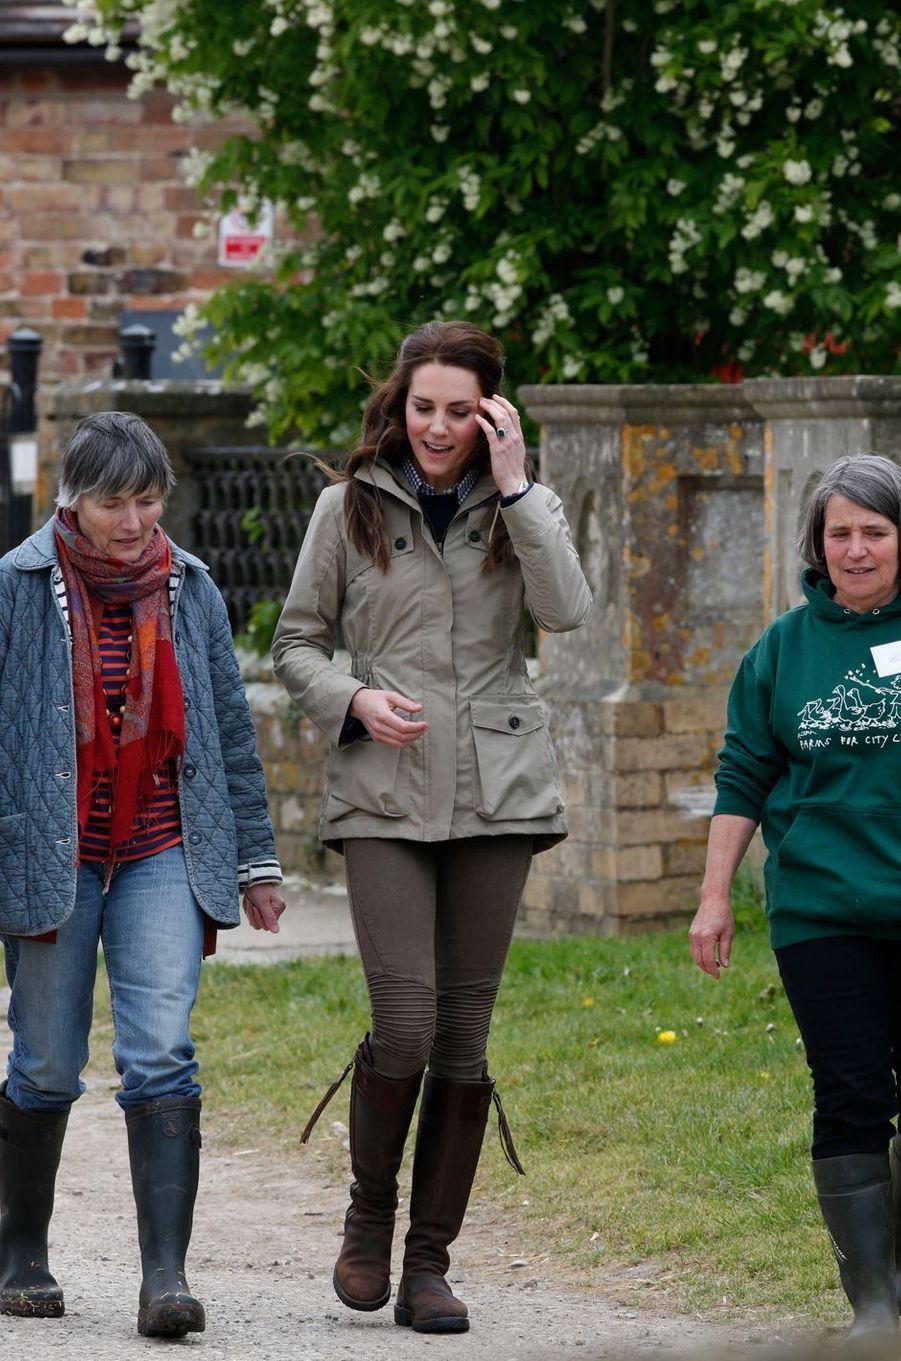 La duchesse de Cambridge, née Kate Middleton, visite une ferme à Arlingham, le 3 mai 2017